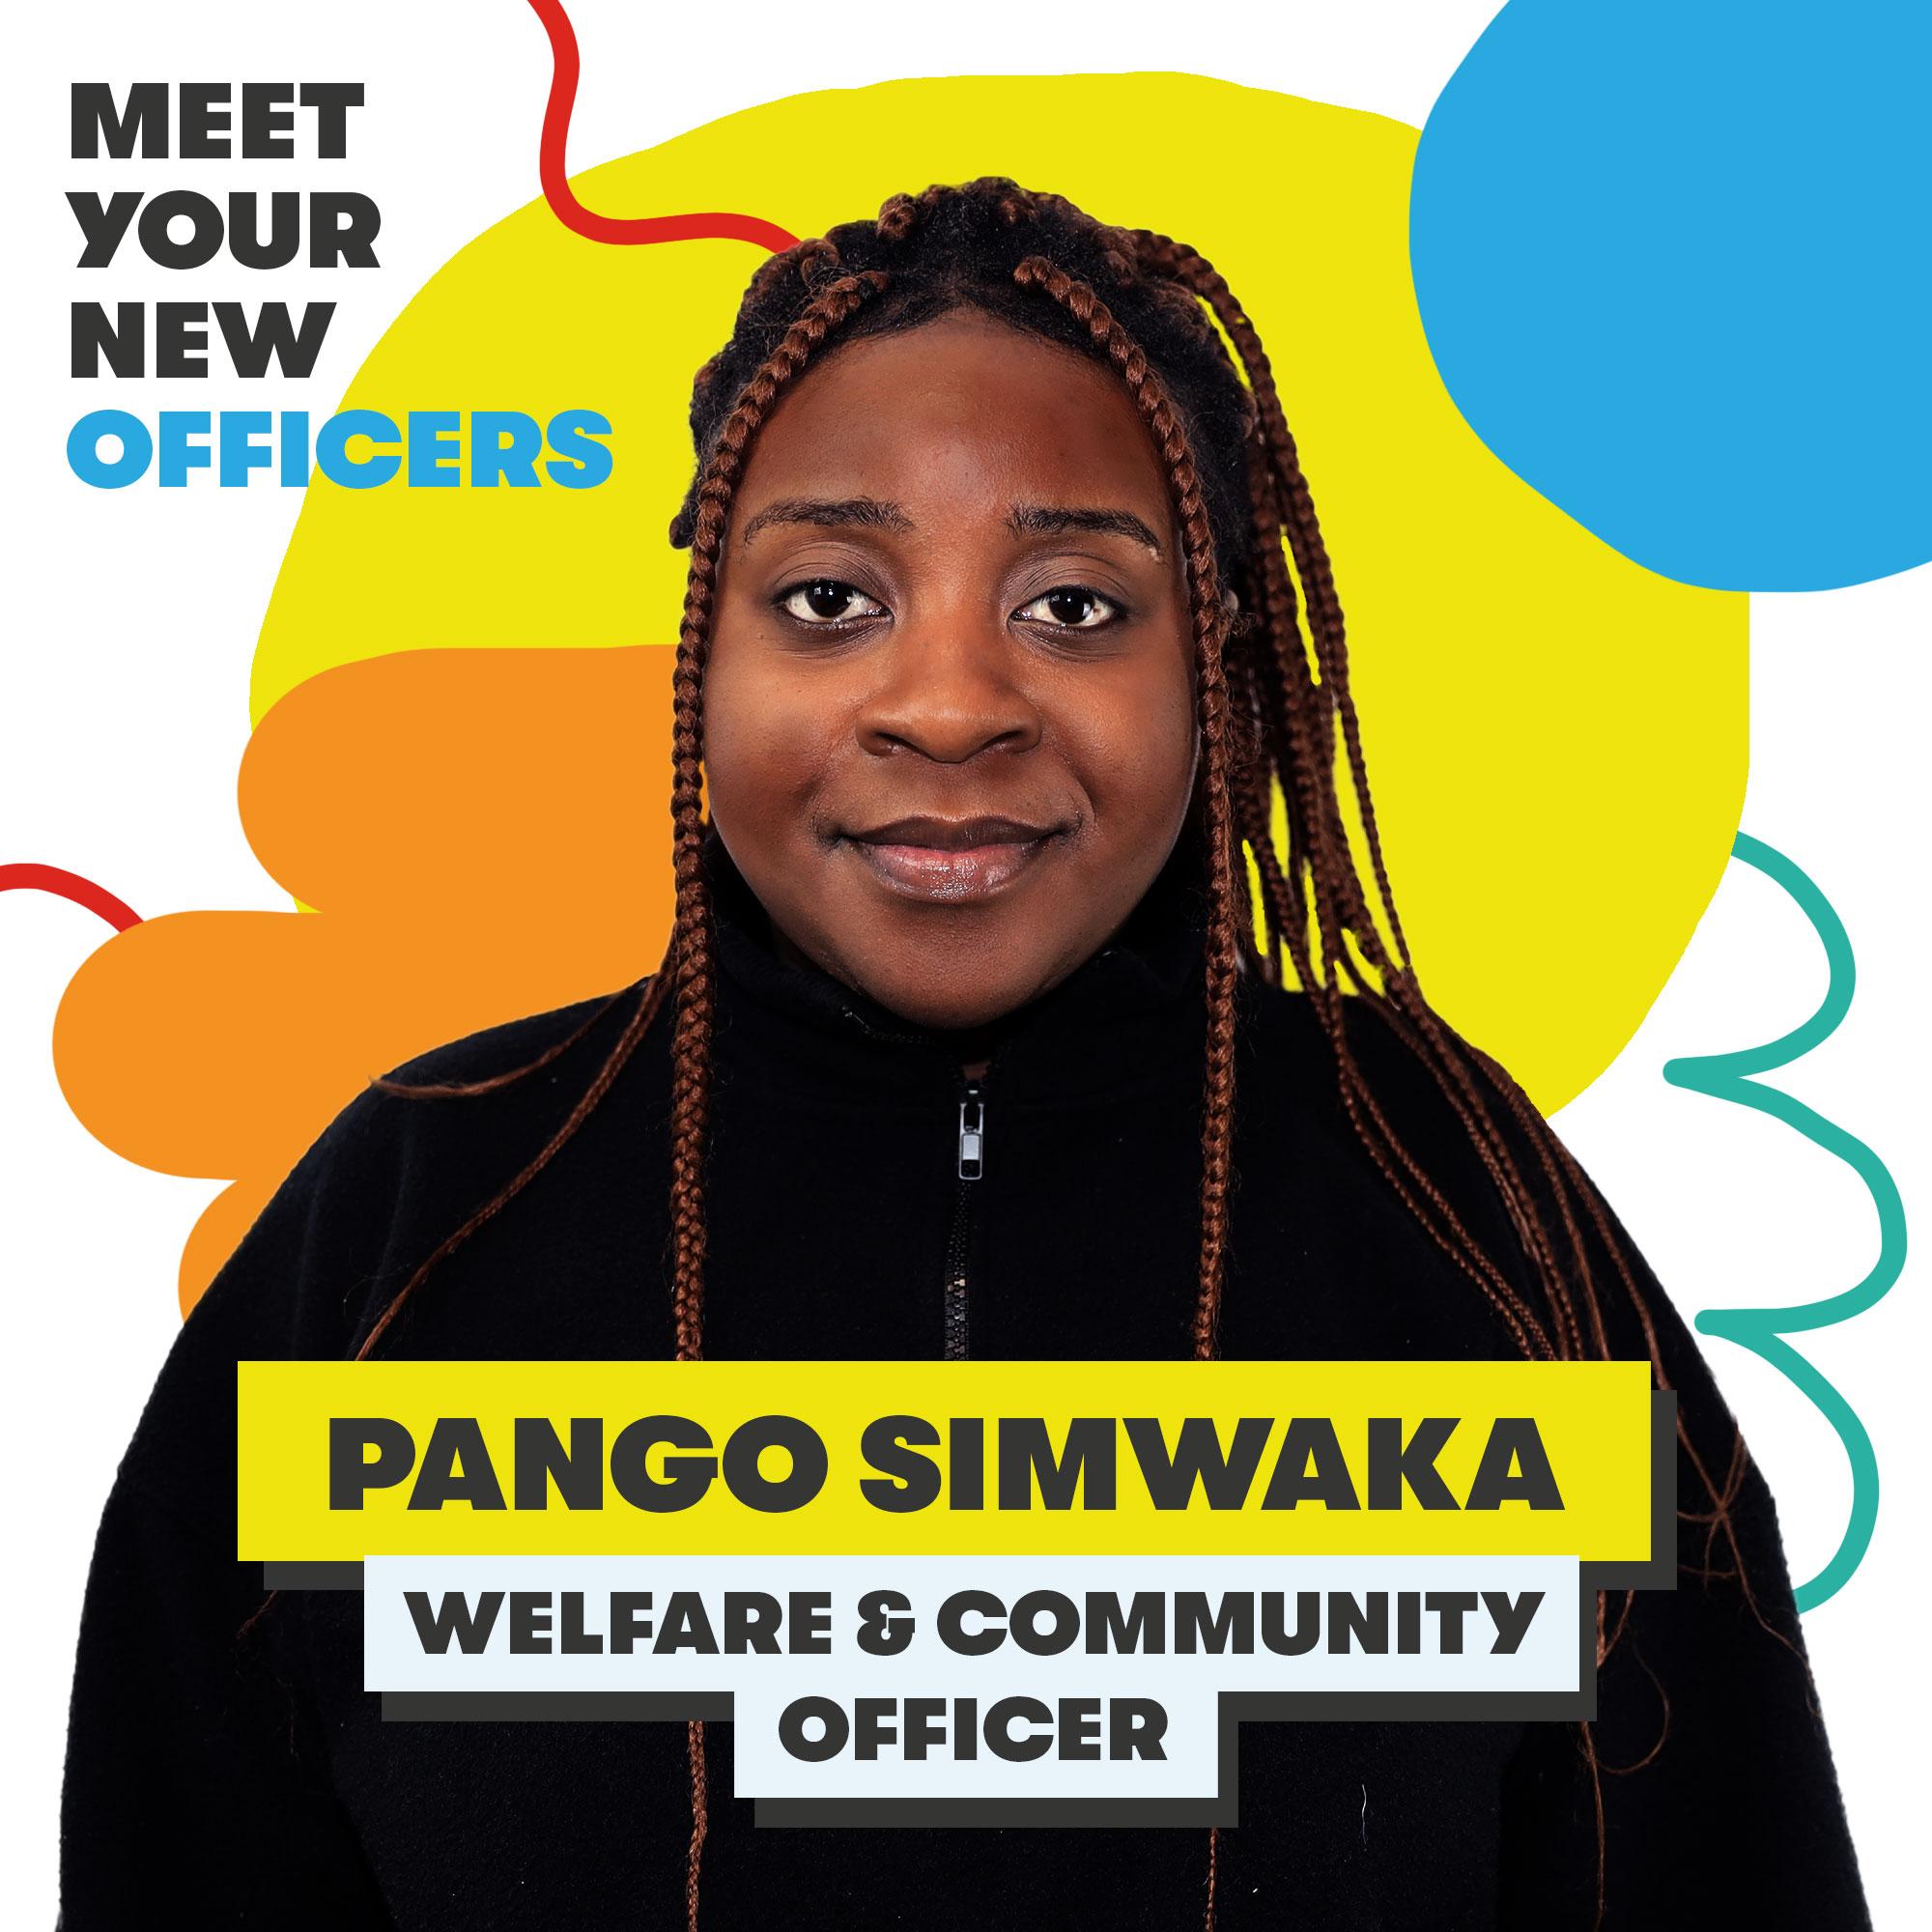 Pango Simwaka